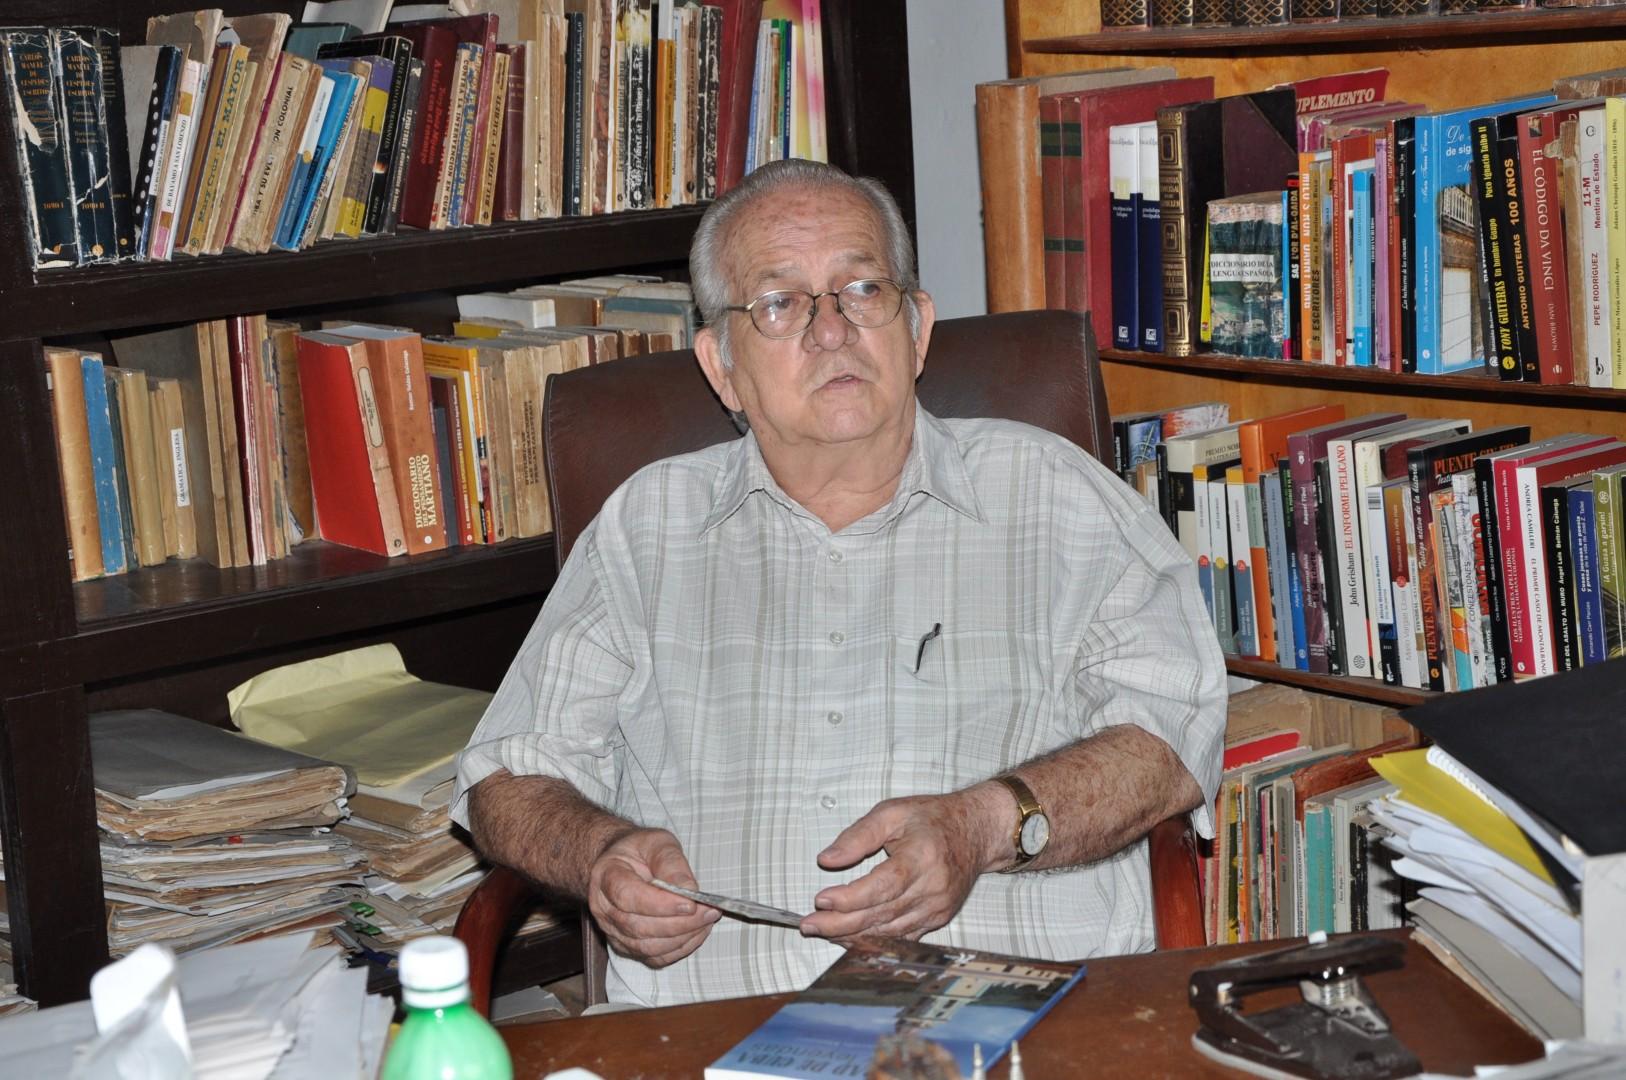 El historiador de la ciudad de Trinidad, Manuel Lagunilla, ha hurgado en la huella científica y patriótica de Vicente Antonio.